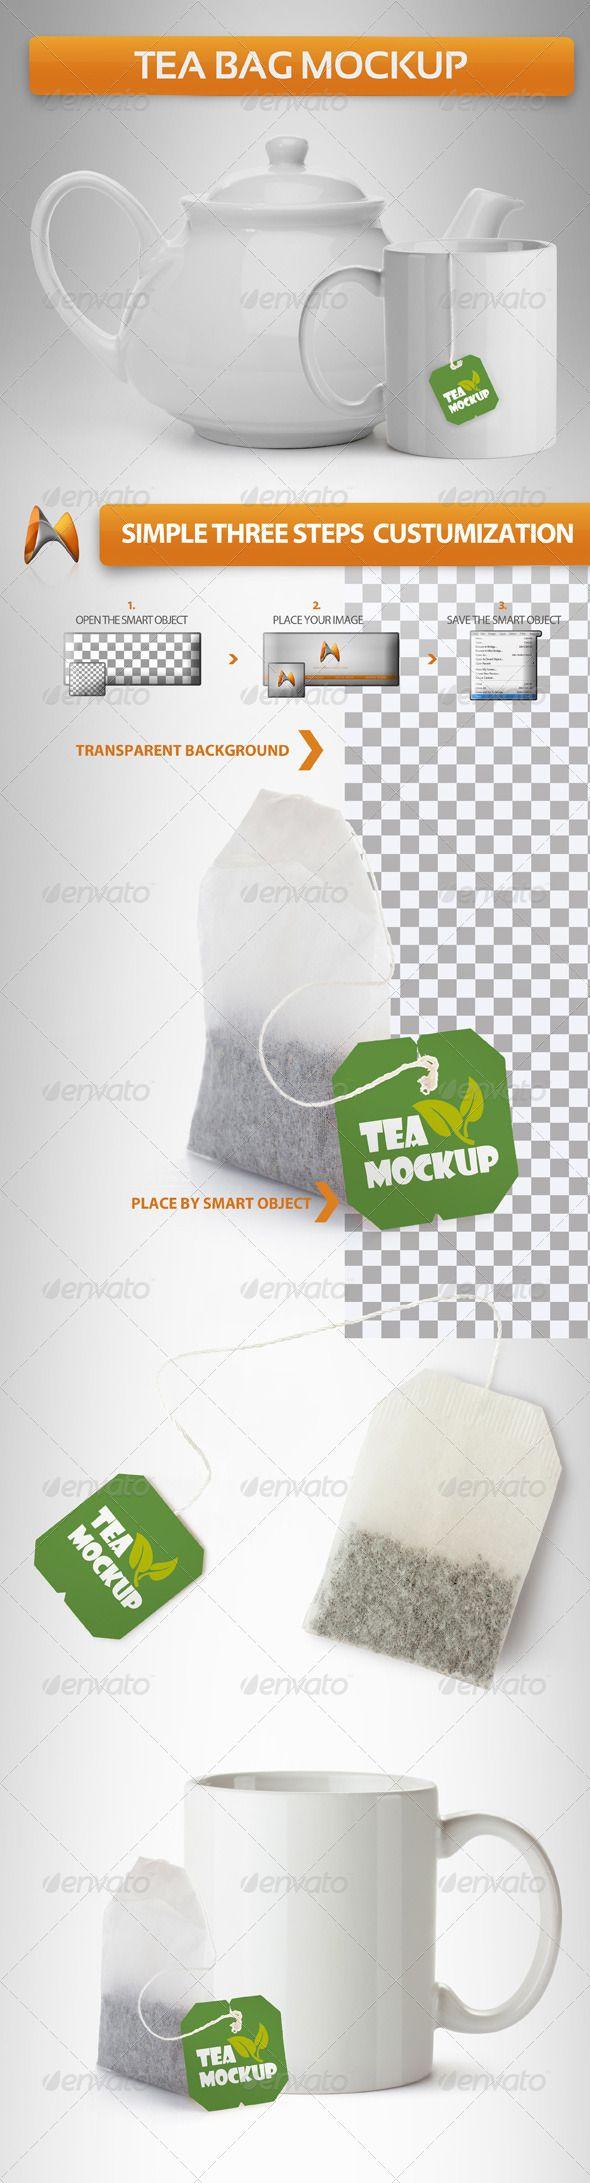 Download Tea Bag Mockup Bag Mockup Tea Bag Packaging Mockup